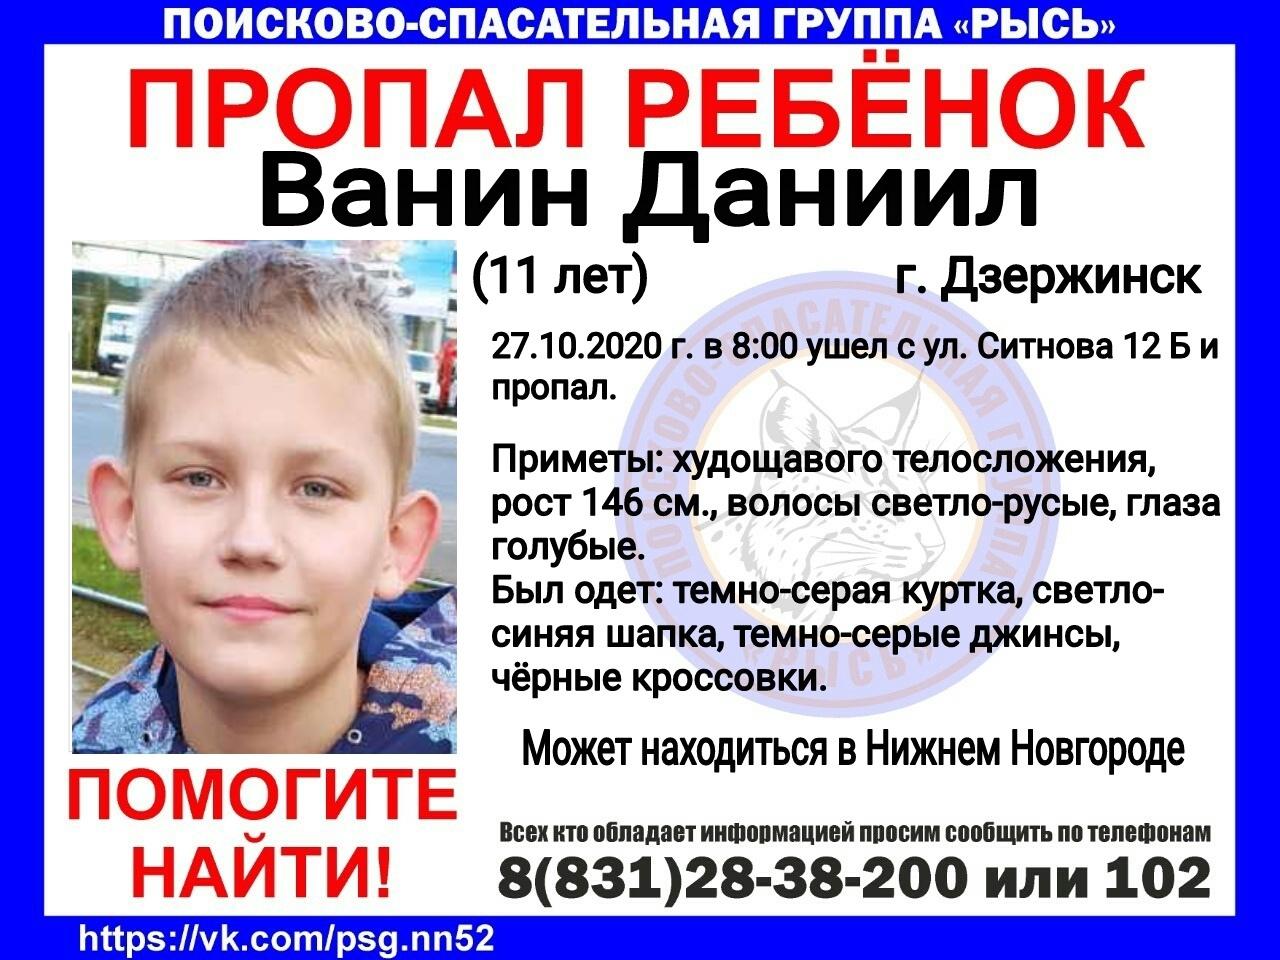 Ванин Даниил, 11 лет, г. Дзержинск